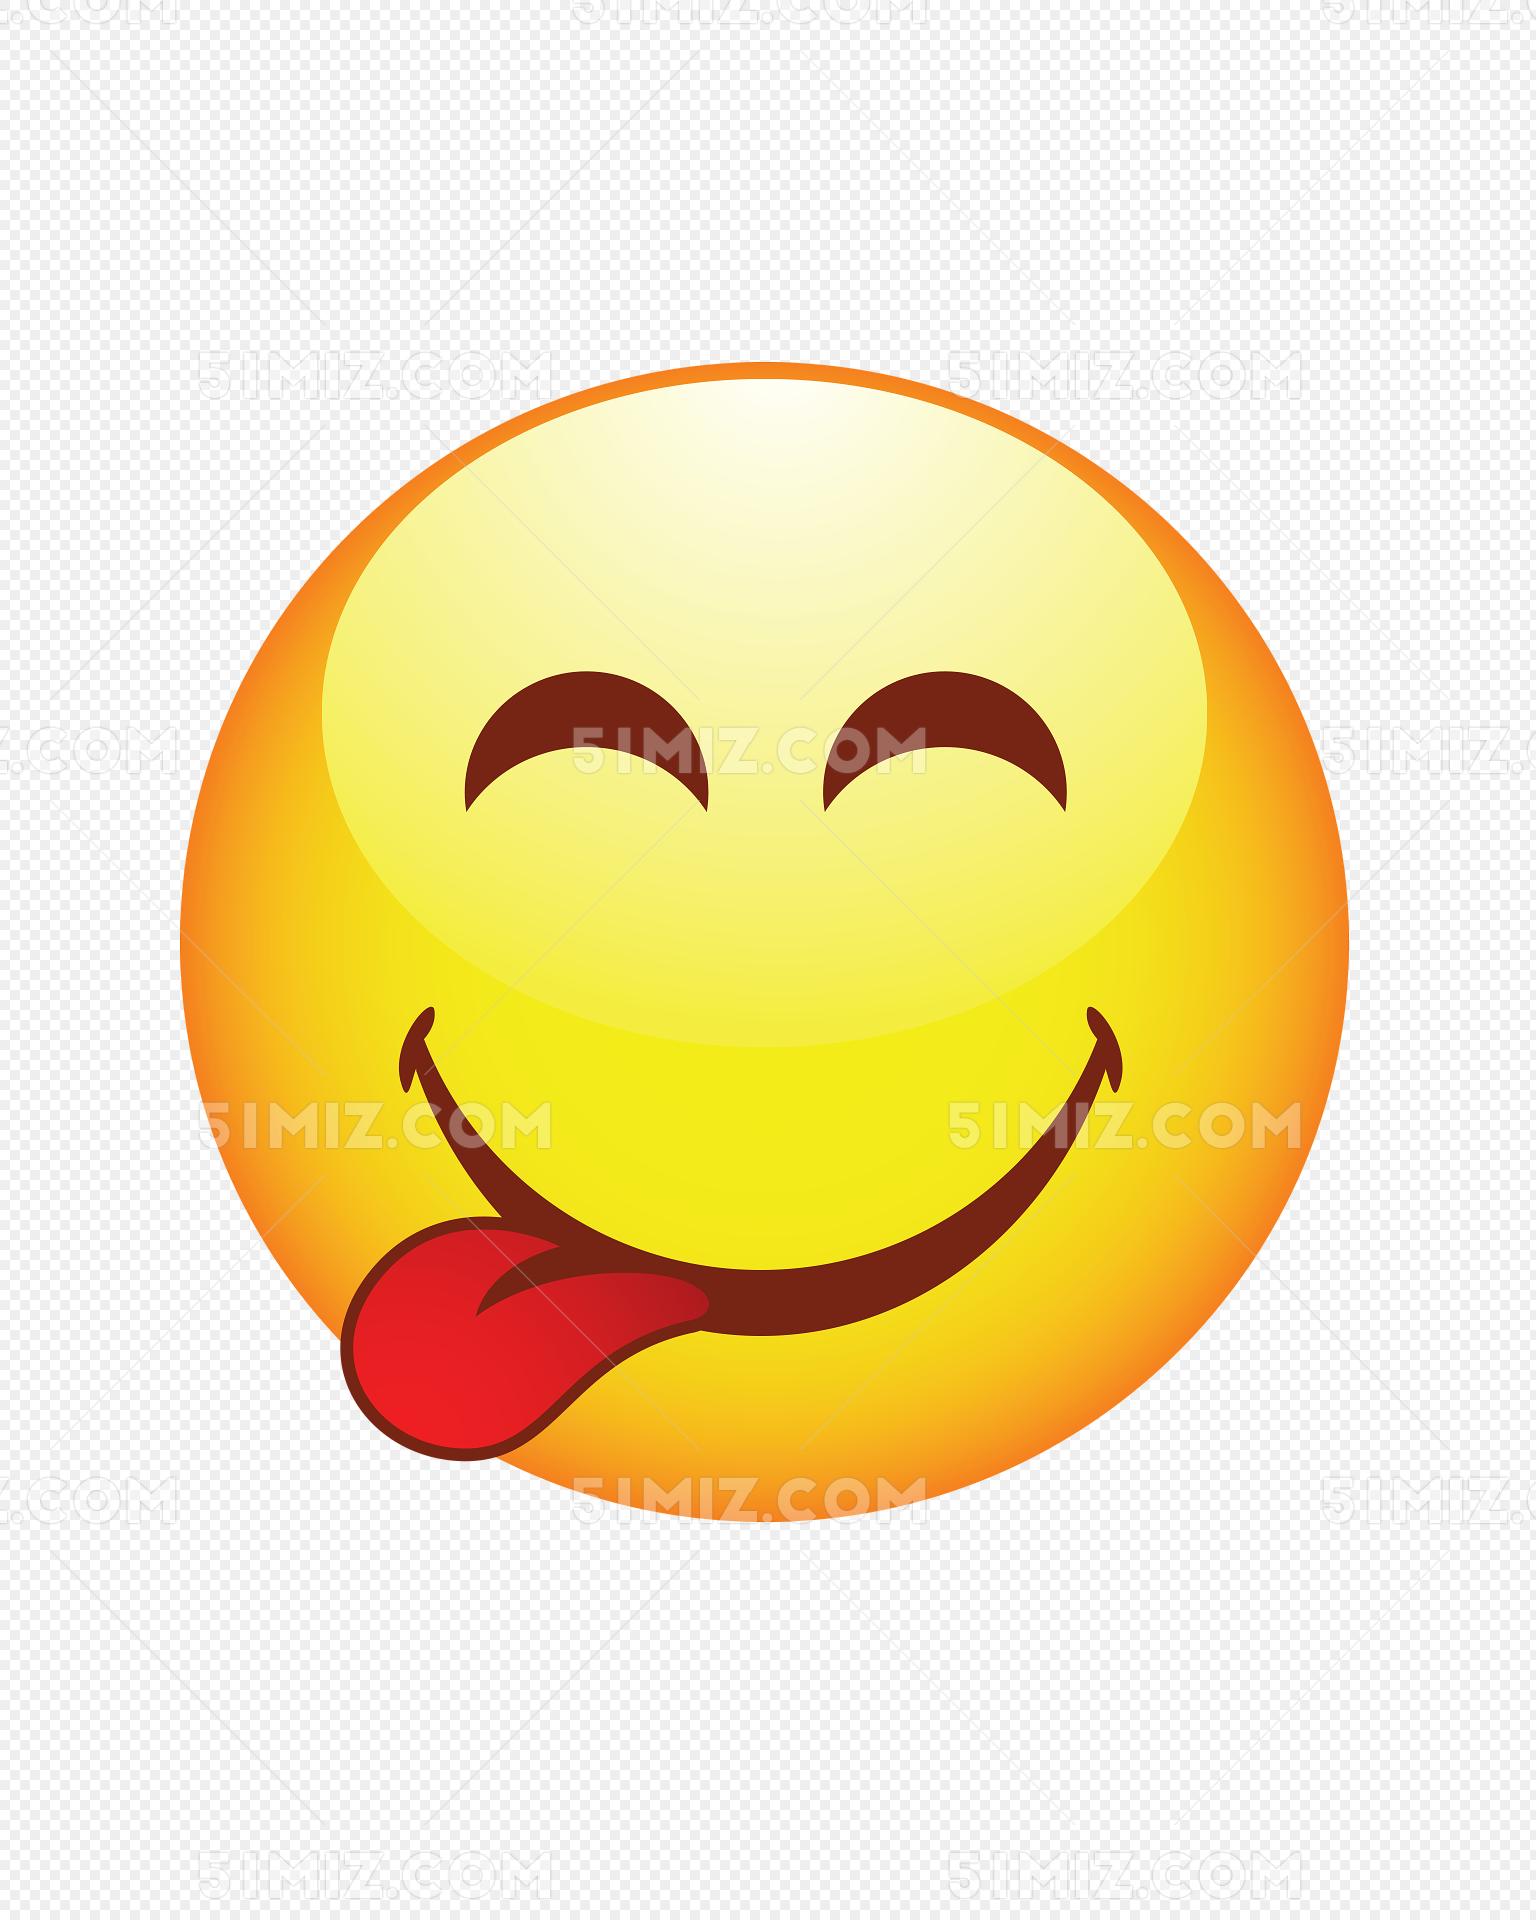 欢快卡通笑脸头像图片素材免费下载 觅知网